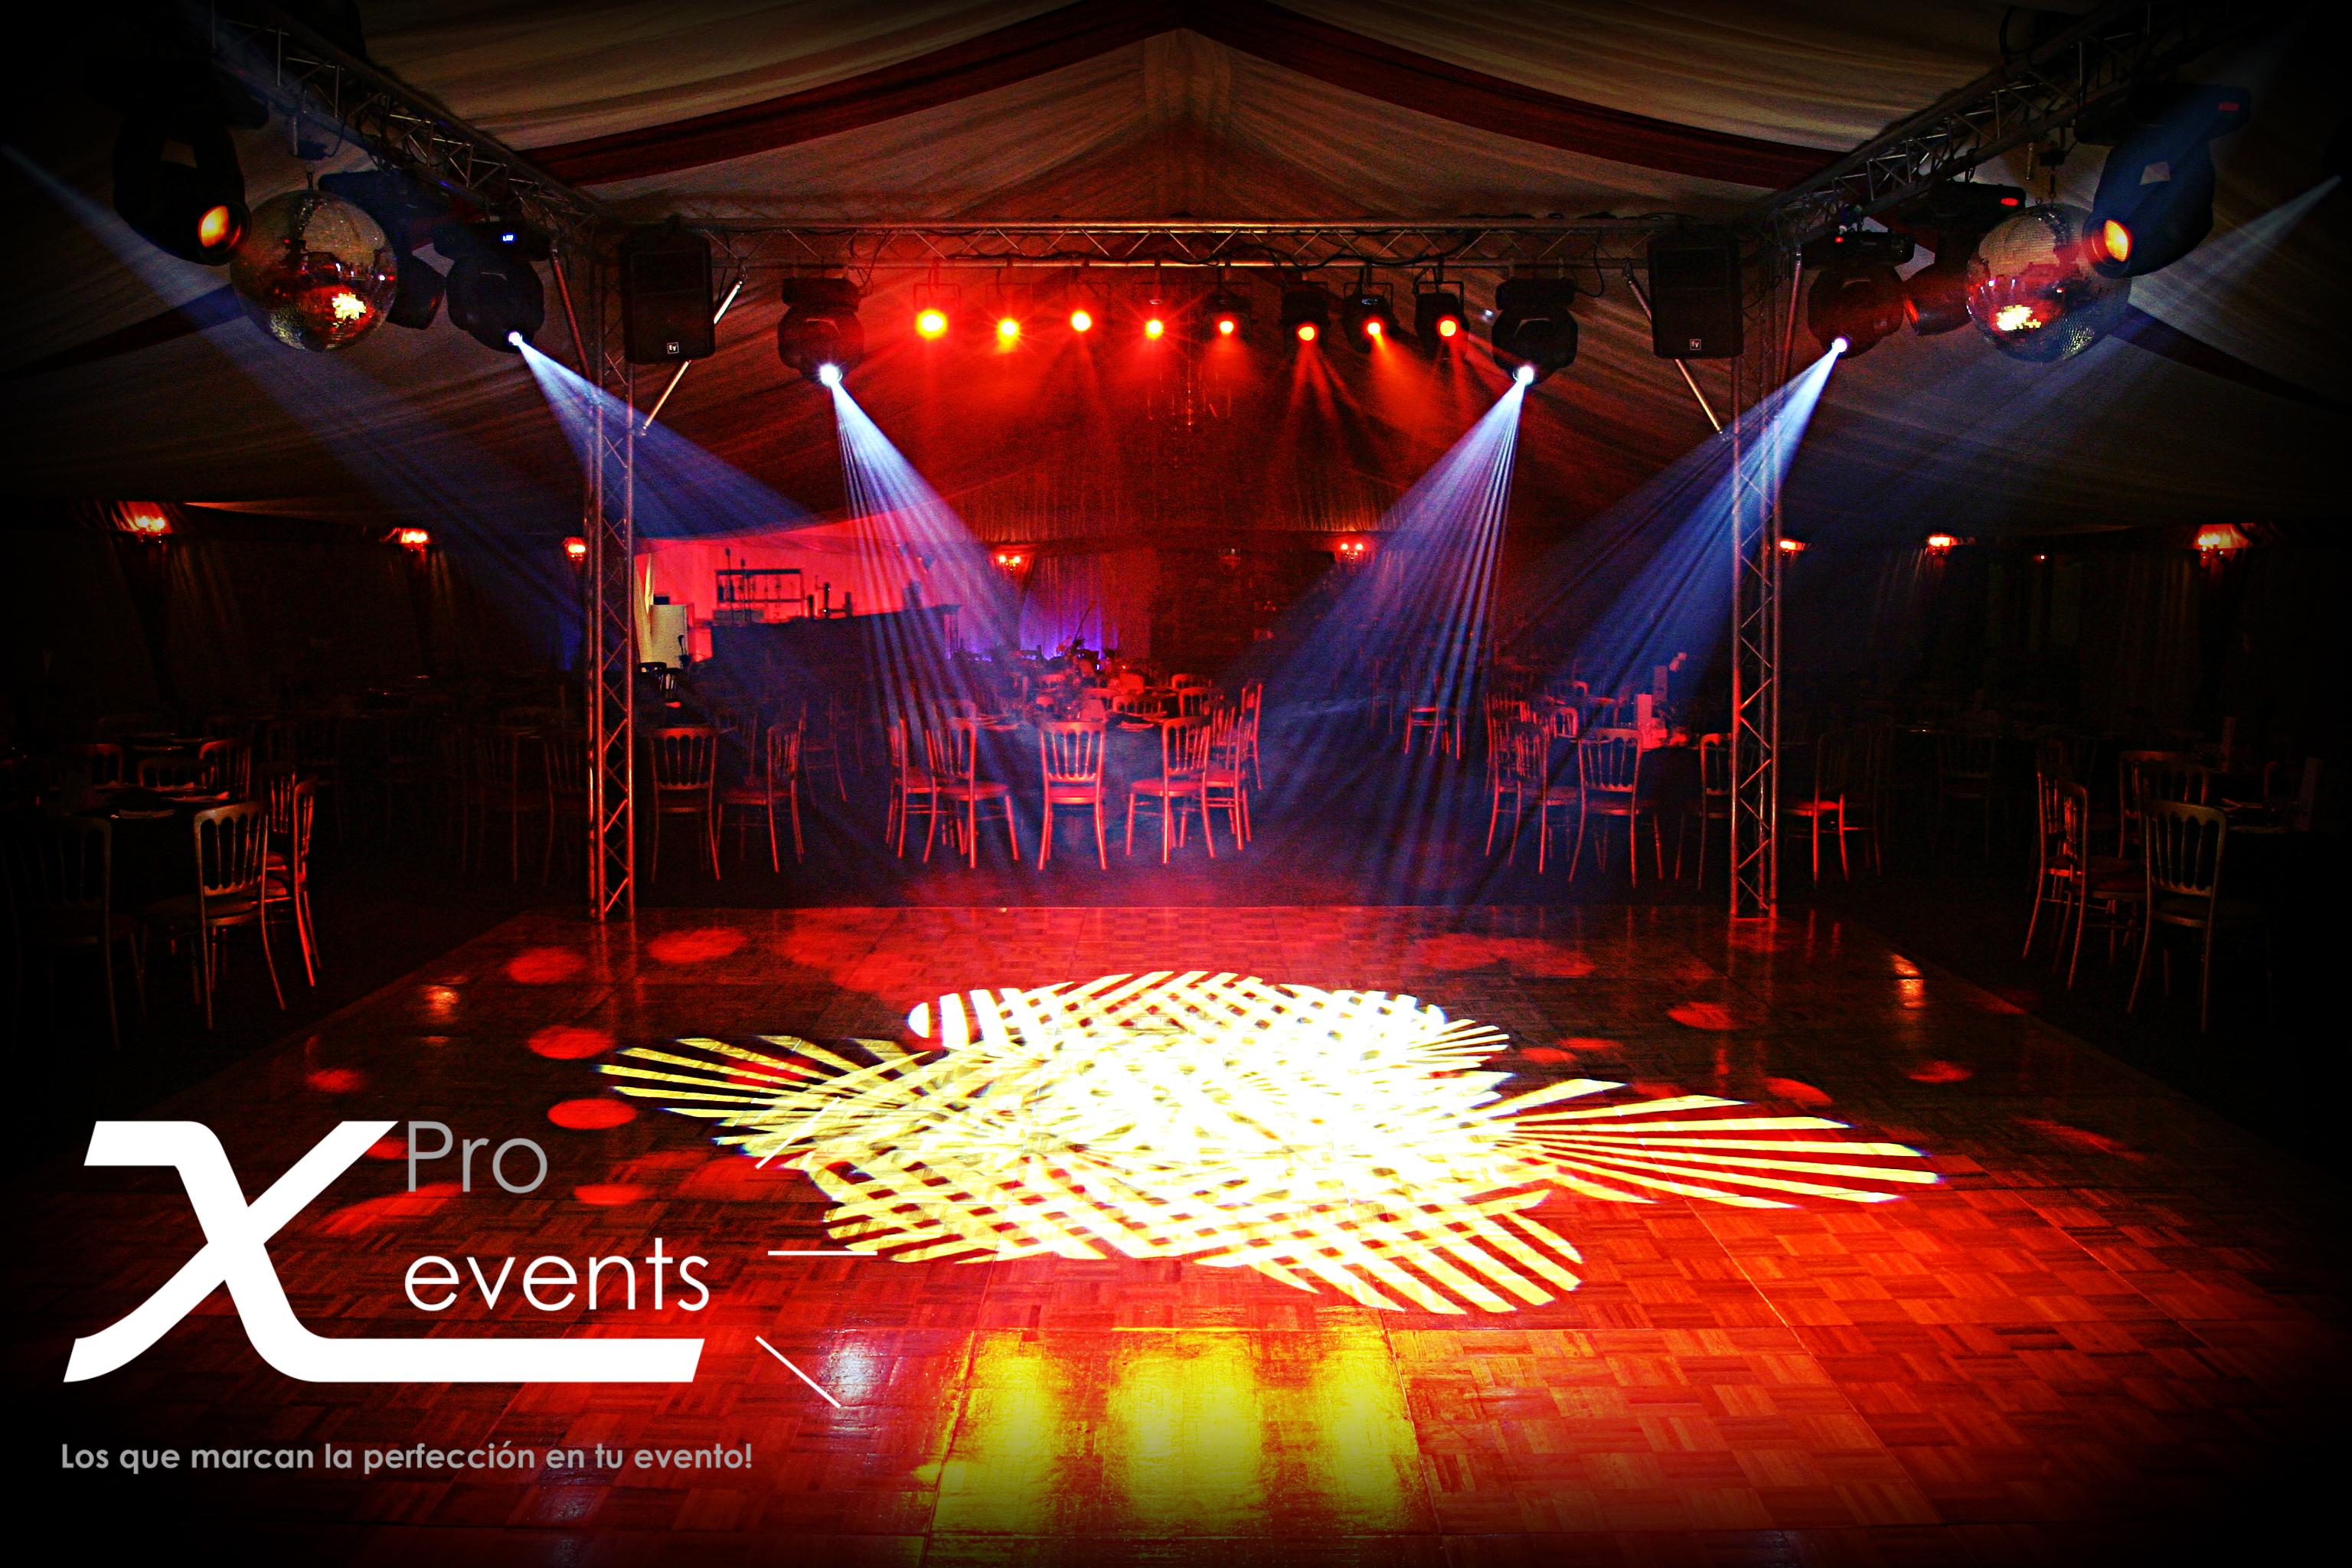 X Pro events - 809-846-3784 - Techo o cuadro Truss con 12 luces moviles mas luce